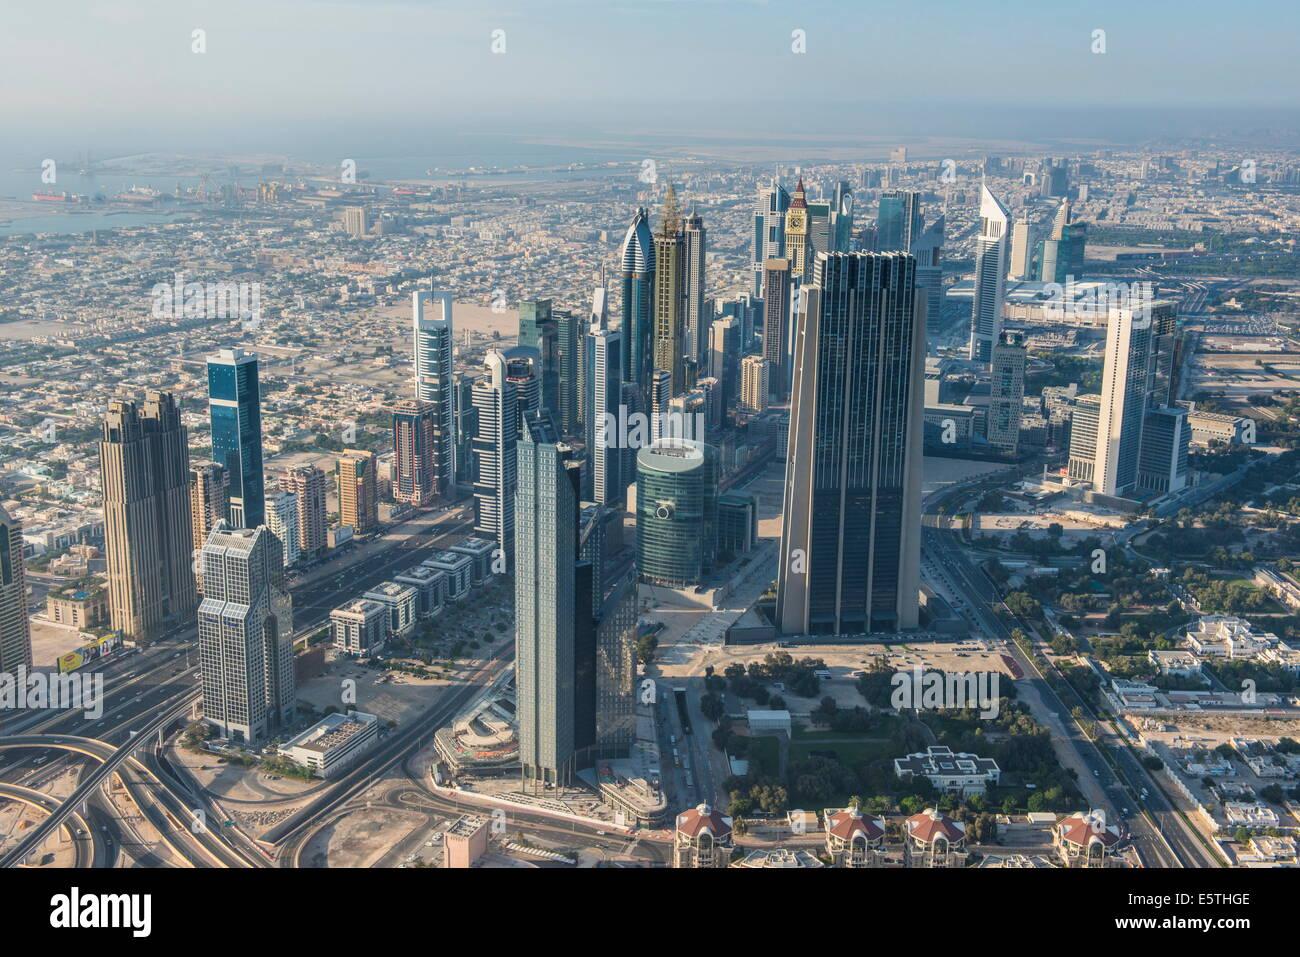 View over Dubai from Burj Khalifa, Dubai, United Arab Emirates, Middle East - Stock Image